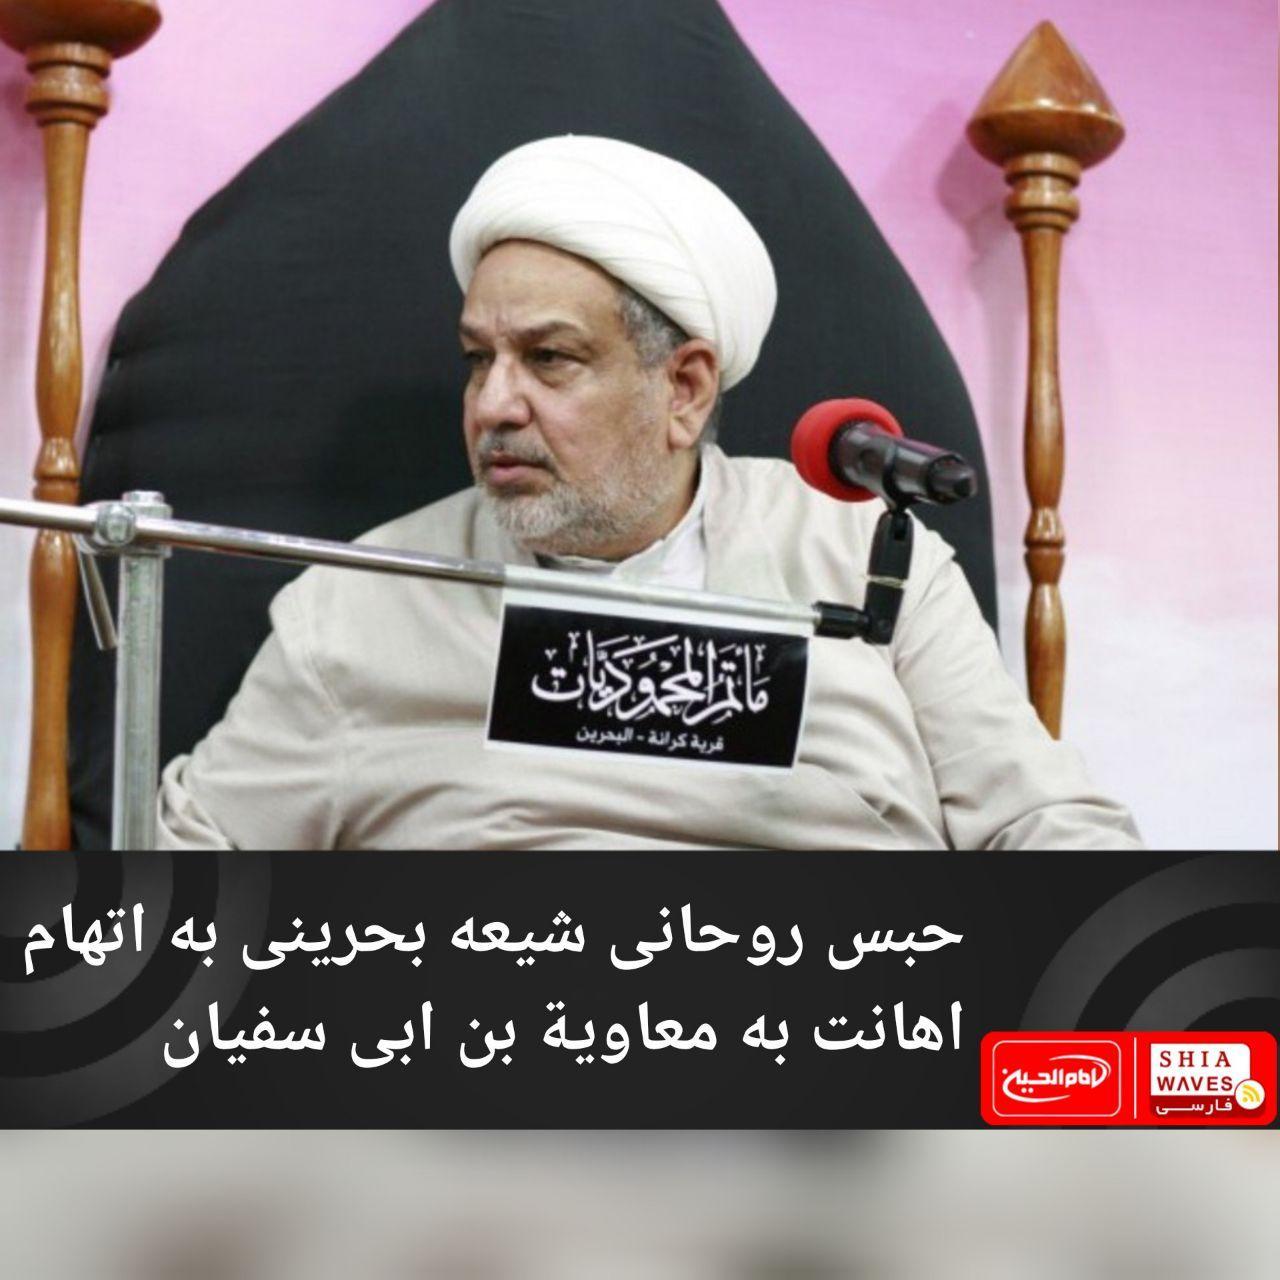 تصویر حبس روحانی شیعه بحرینی به اتهام اهانت به معاویة بن ابی سفیان